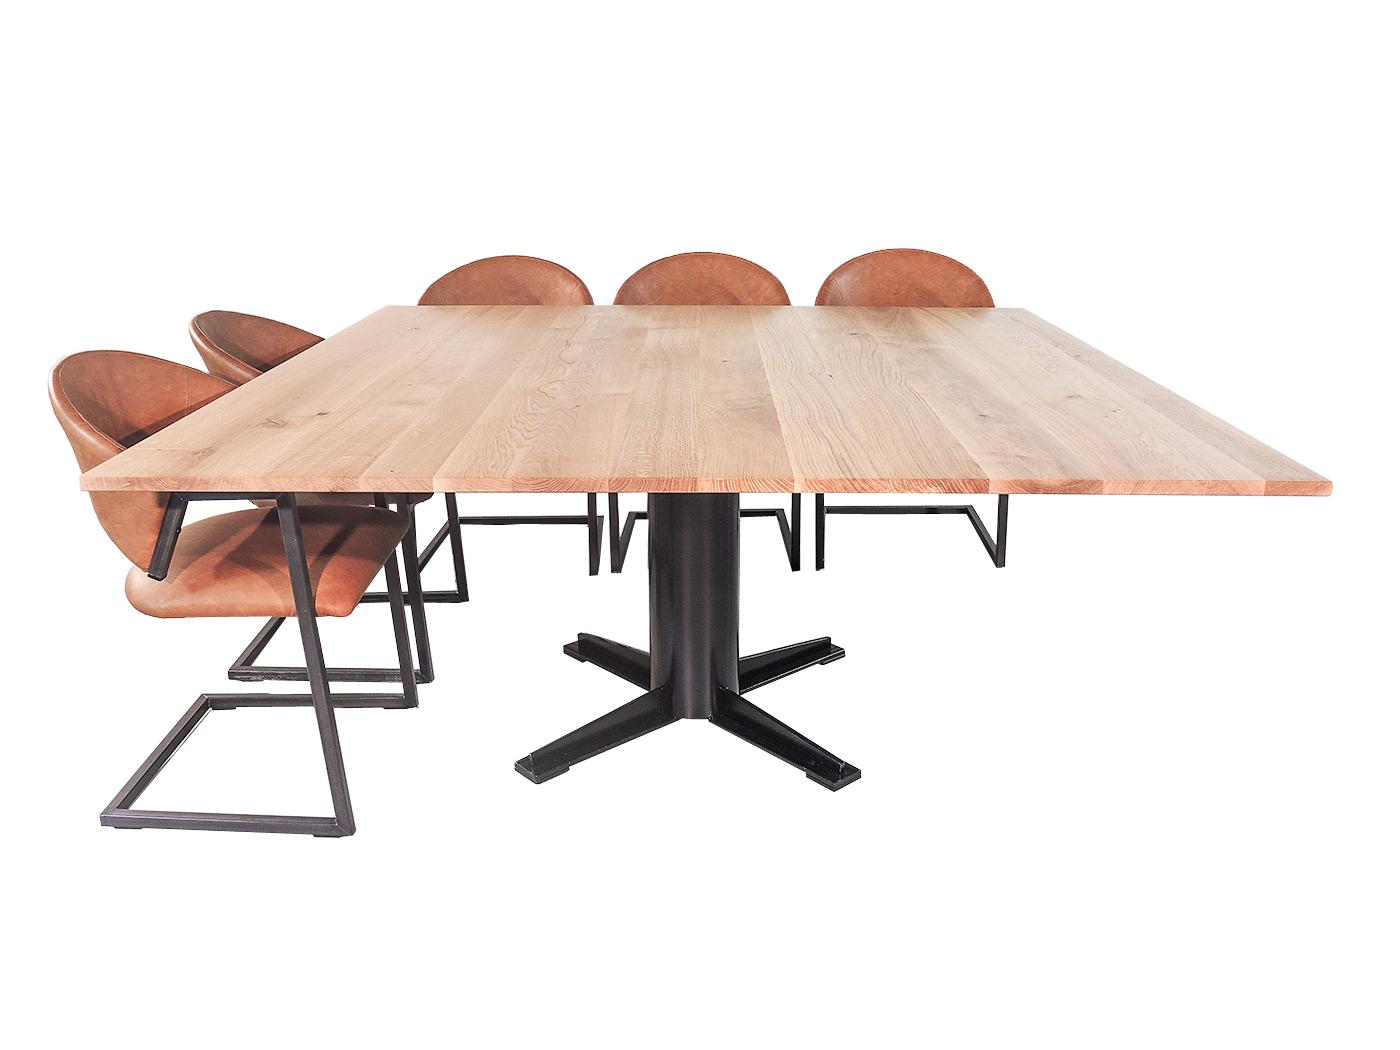 Vierkante Eettafel 4 Personen.Nevada Vierkante Eettafel Voor 8 Personen